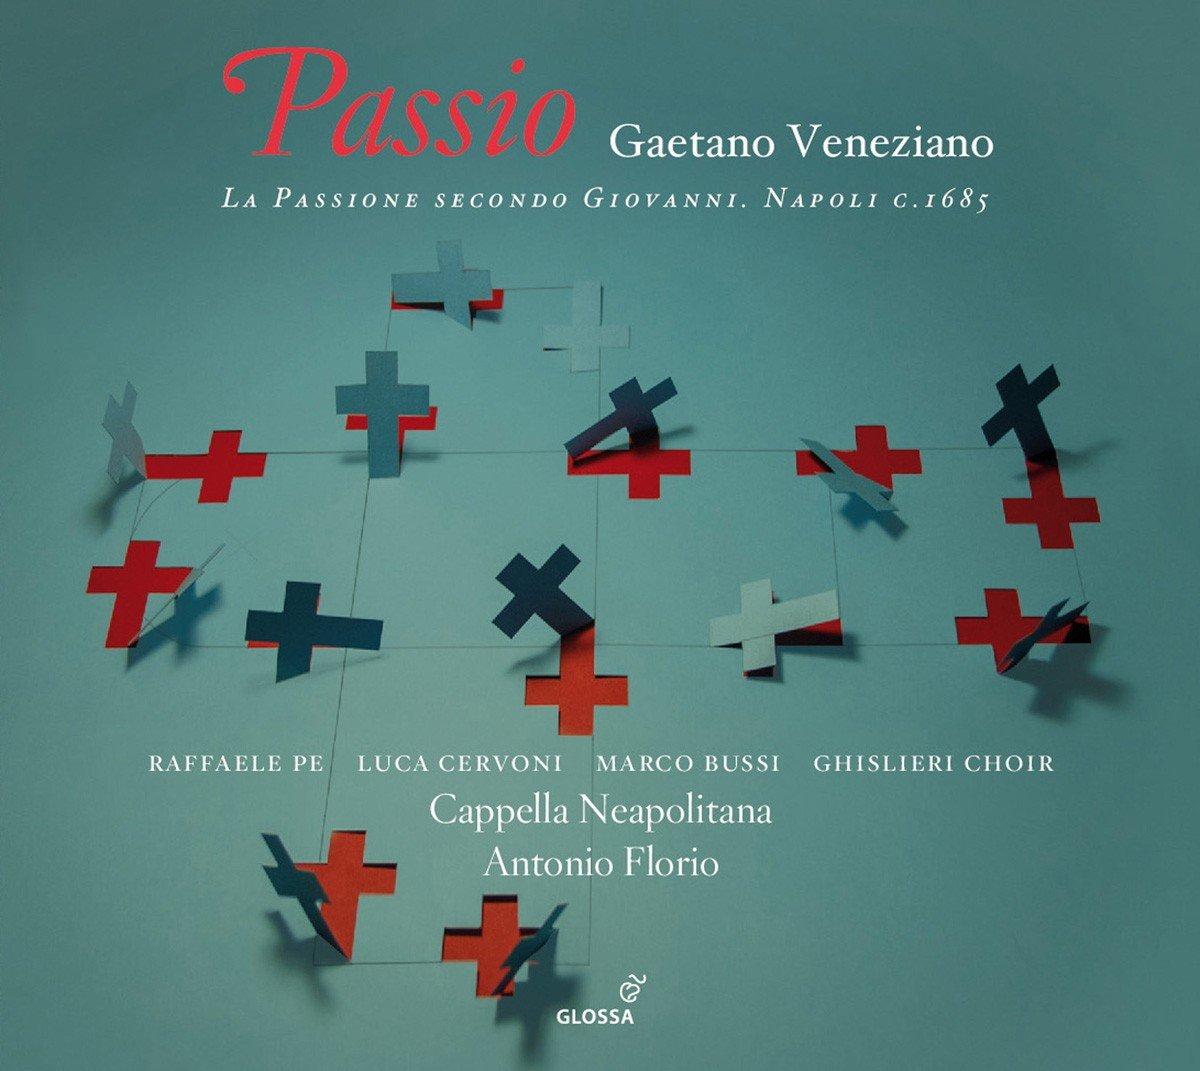 Gaetano Veneziano: Passio - Rare Secondo La Boston Mall Passione